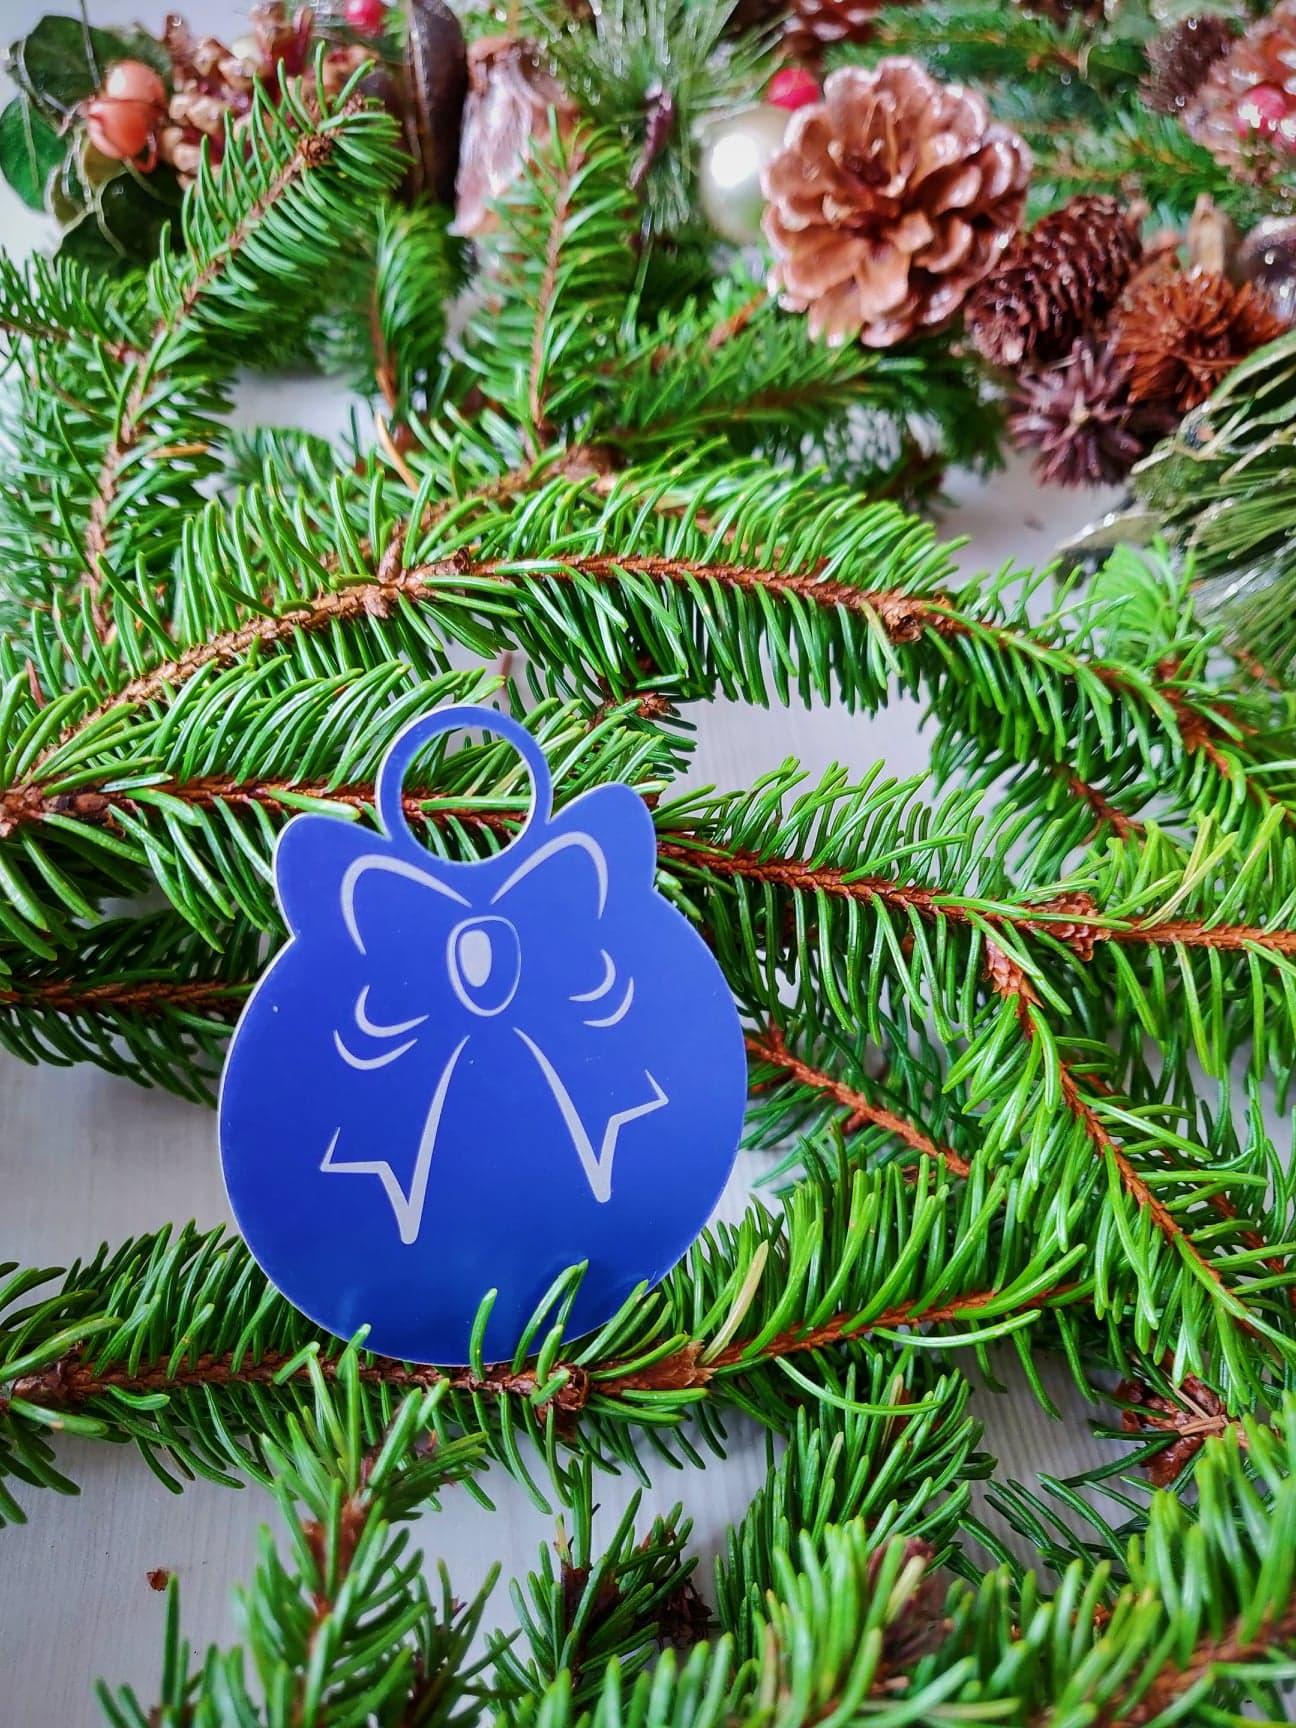 Décoration K021-OR02 Kssiope médaillon cadeau bleu